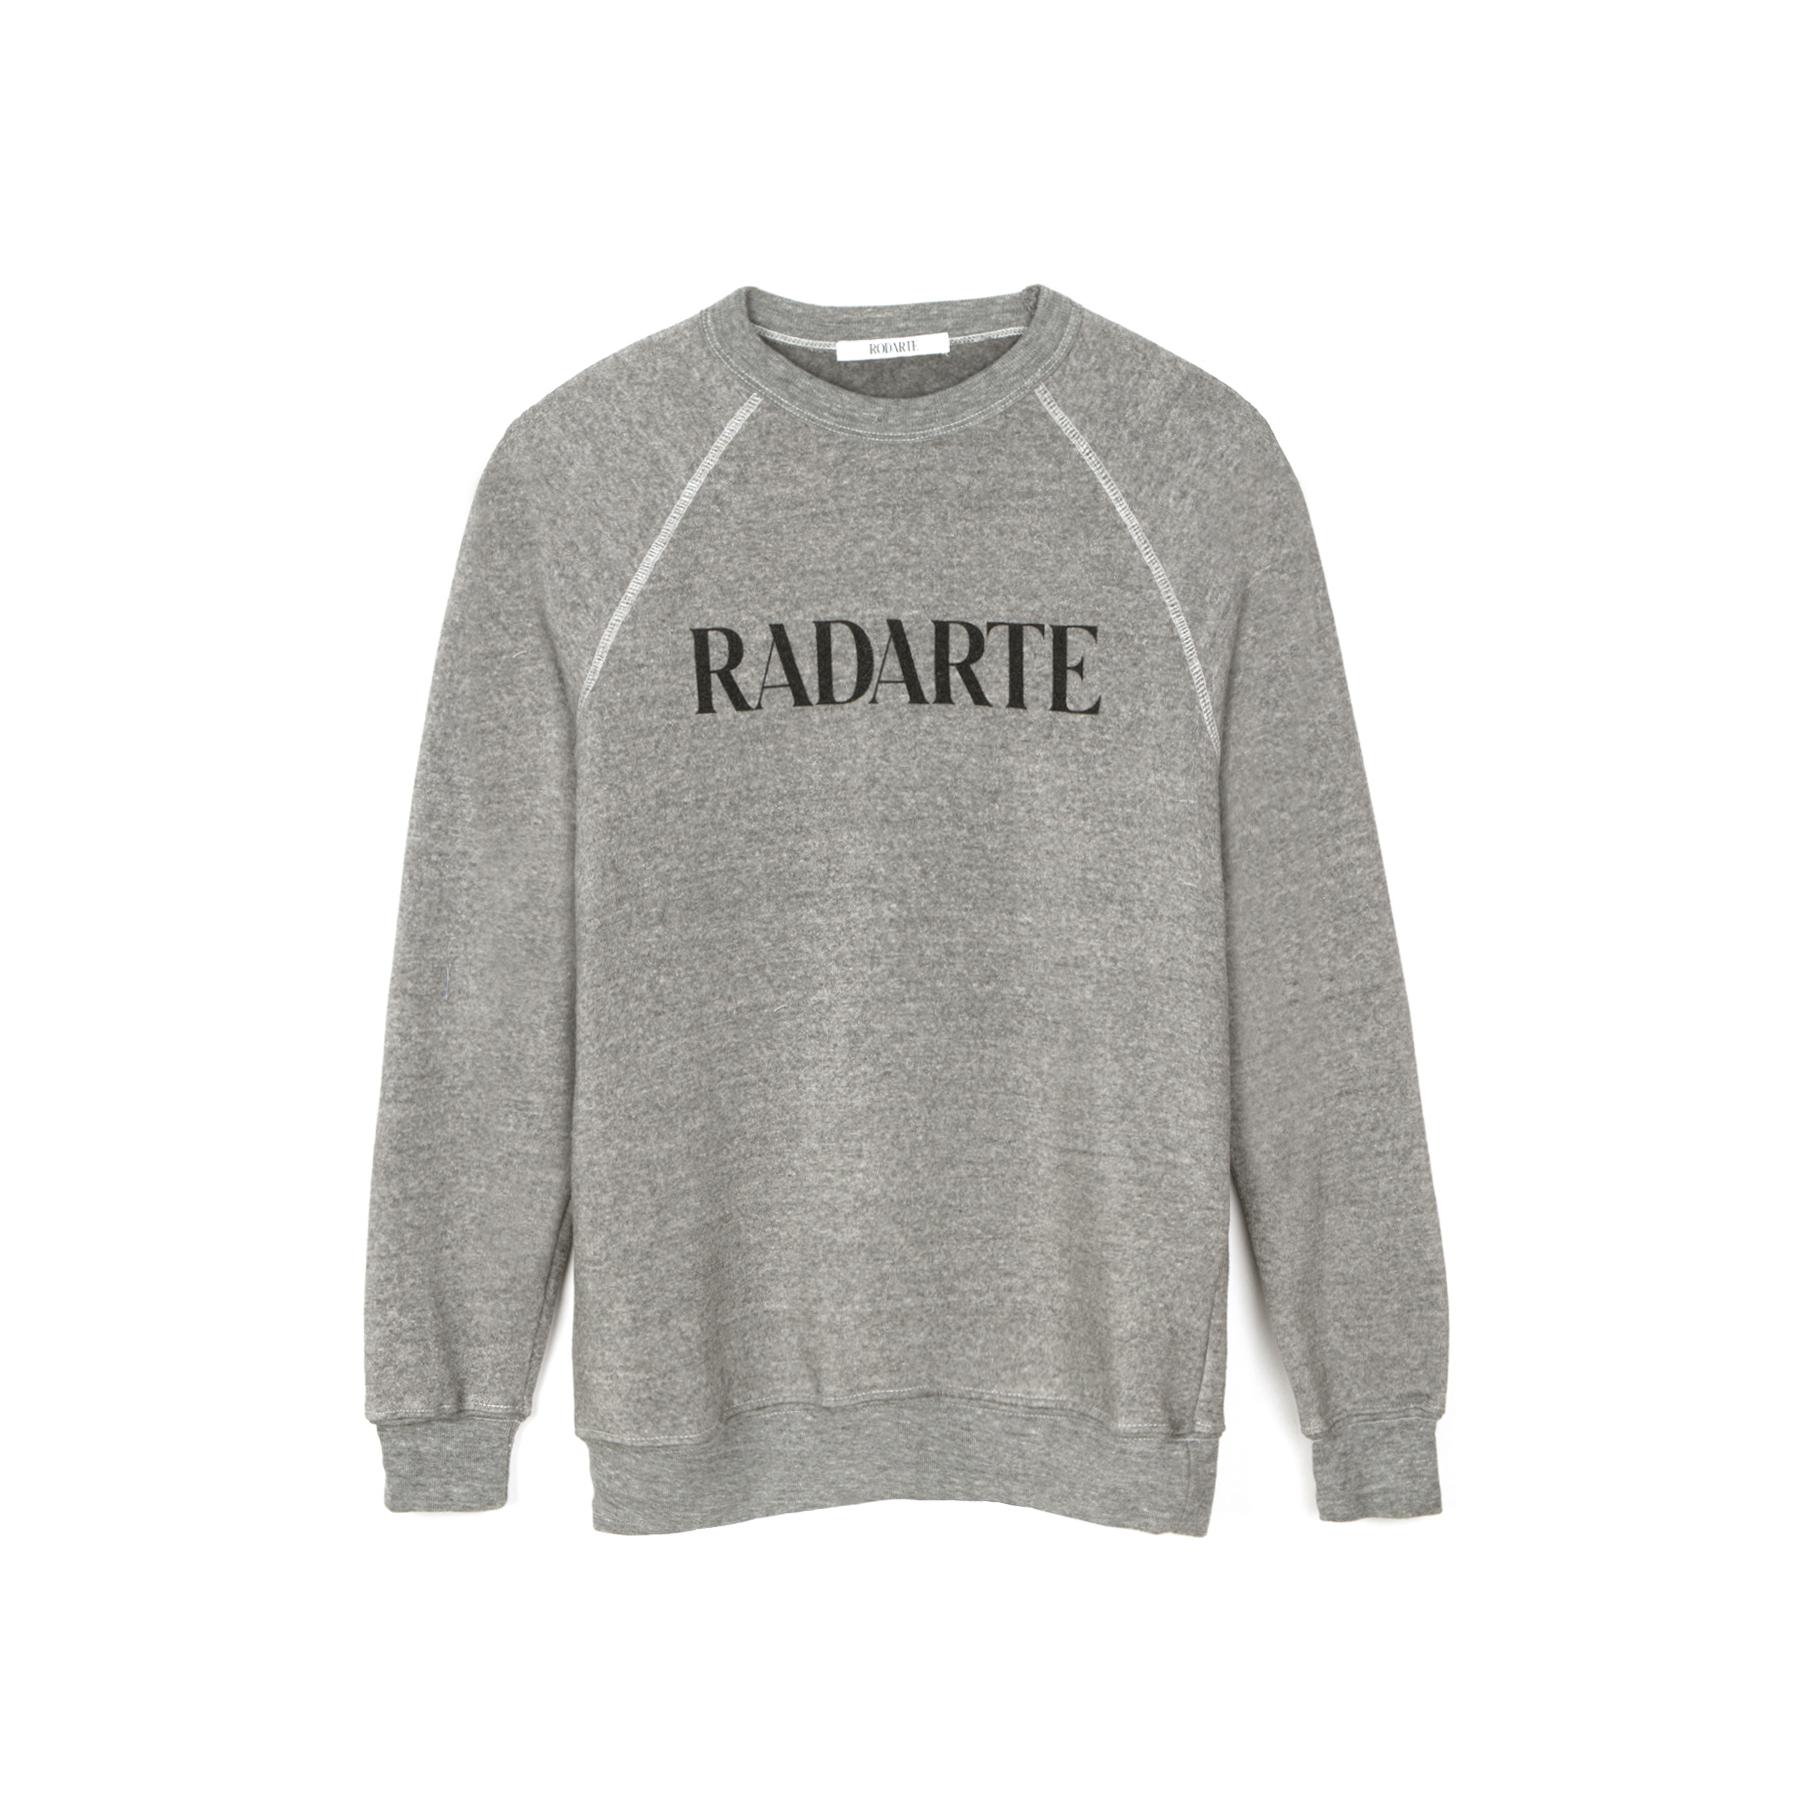 Rodarte  Radarte Sweatshirt